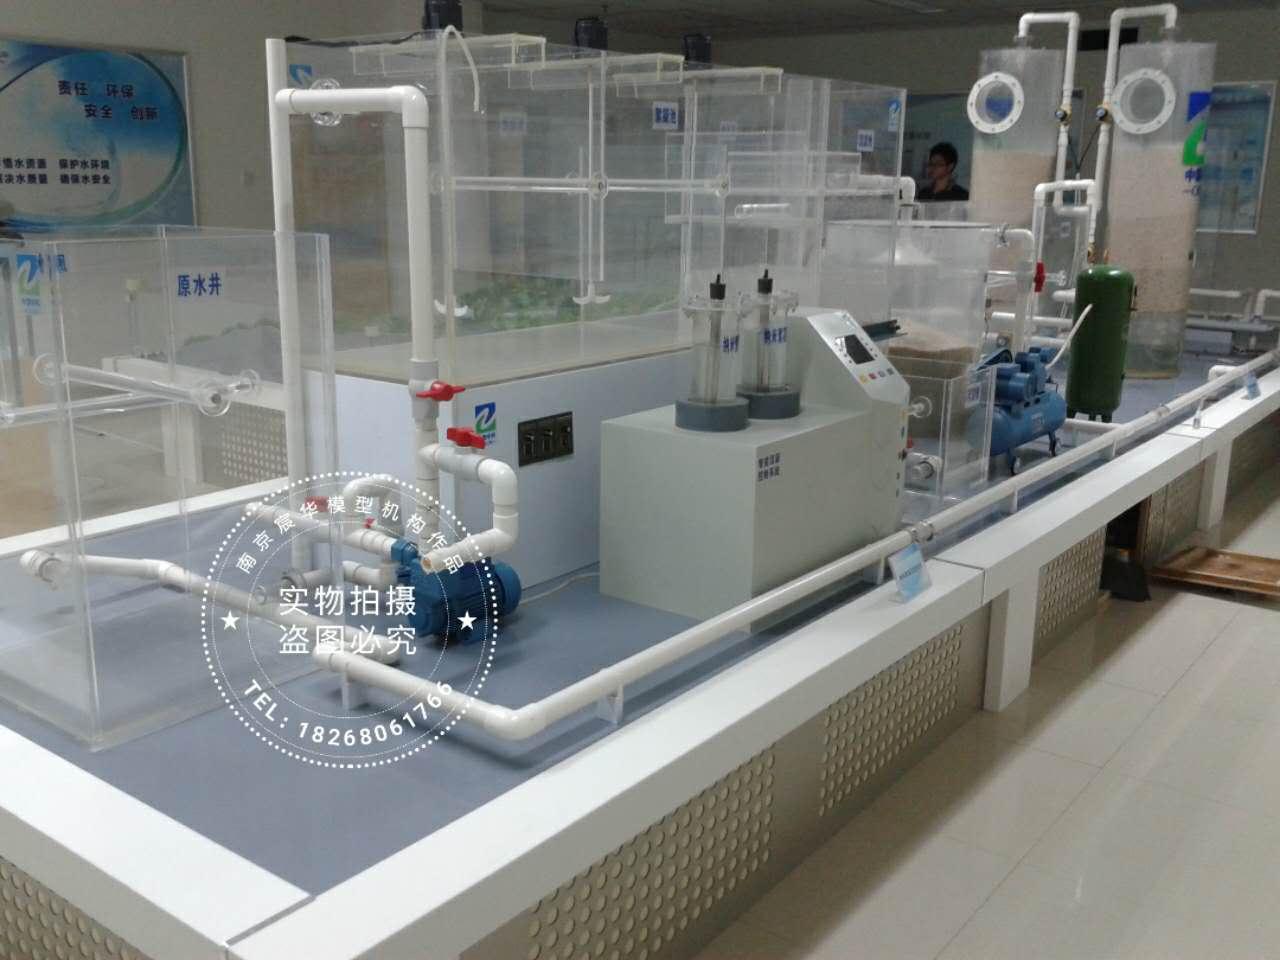 污水处理模型 (2).jpg